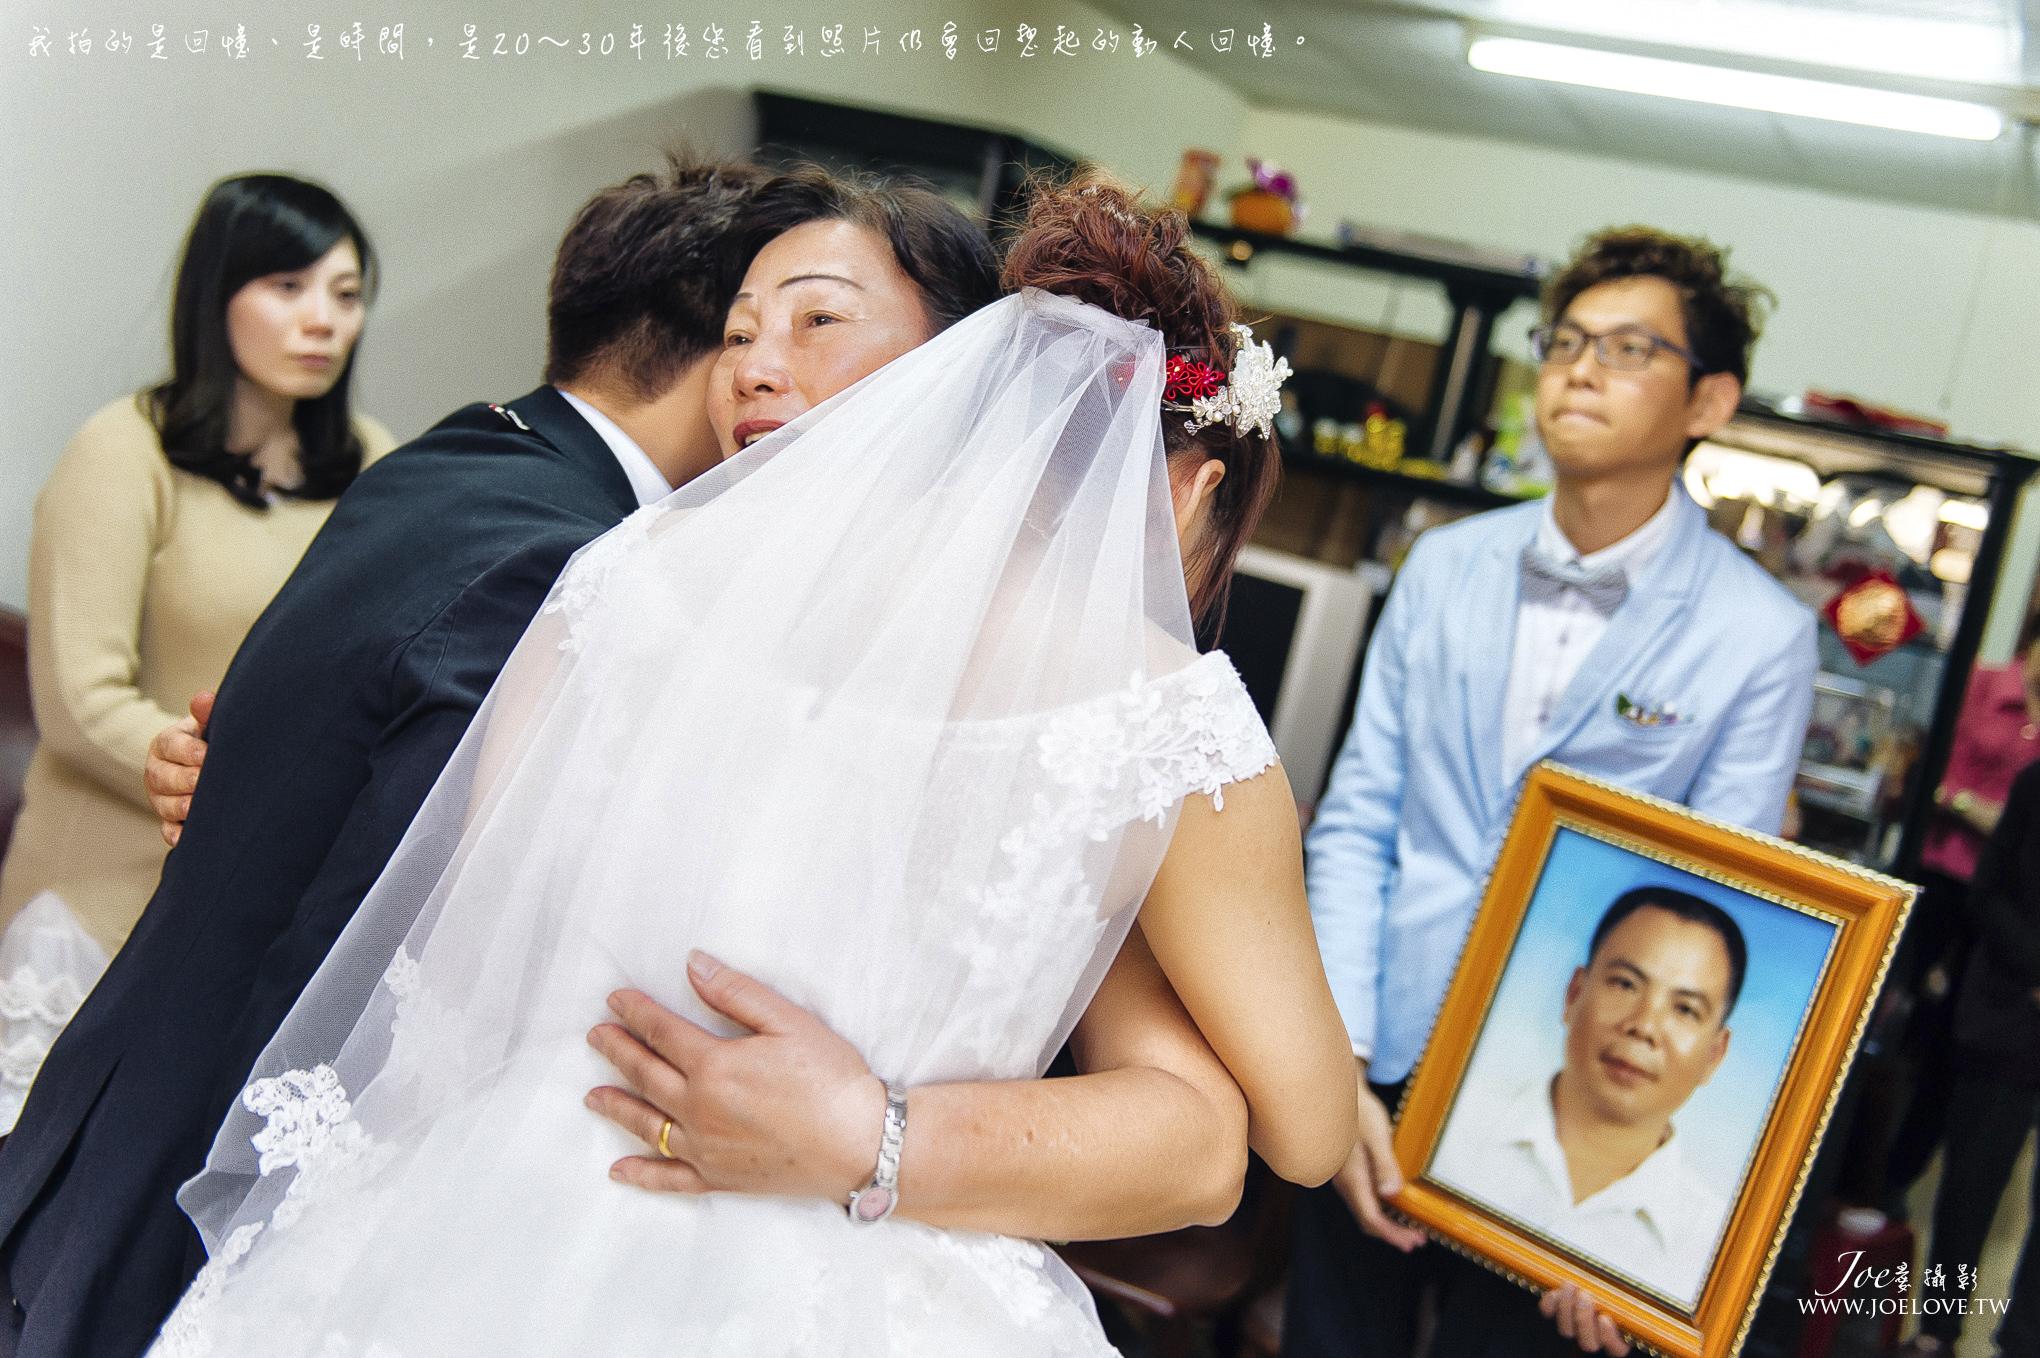 婚禮攝影 中樺+芷嘉 結婚見證婚攝 清新溫泉飯店